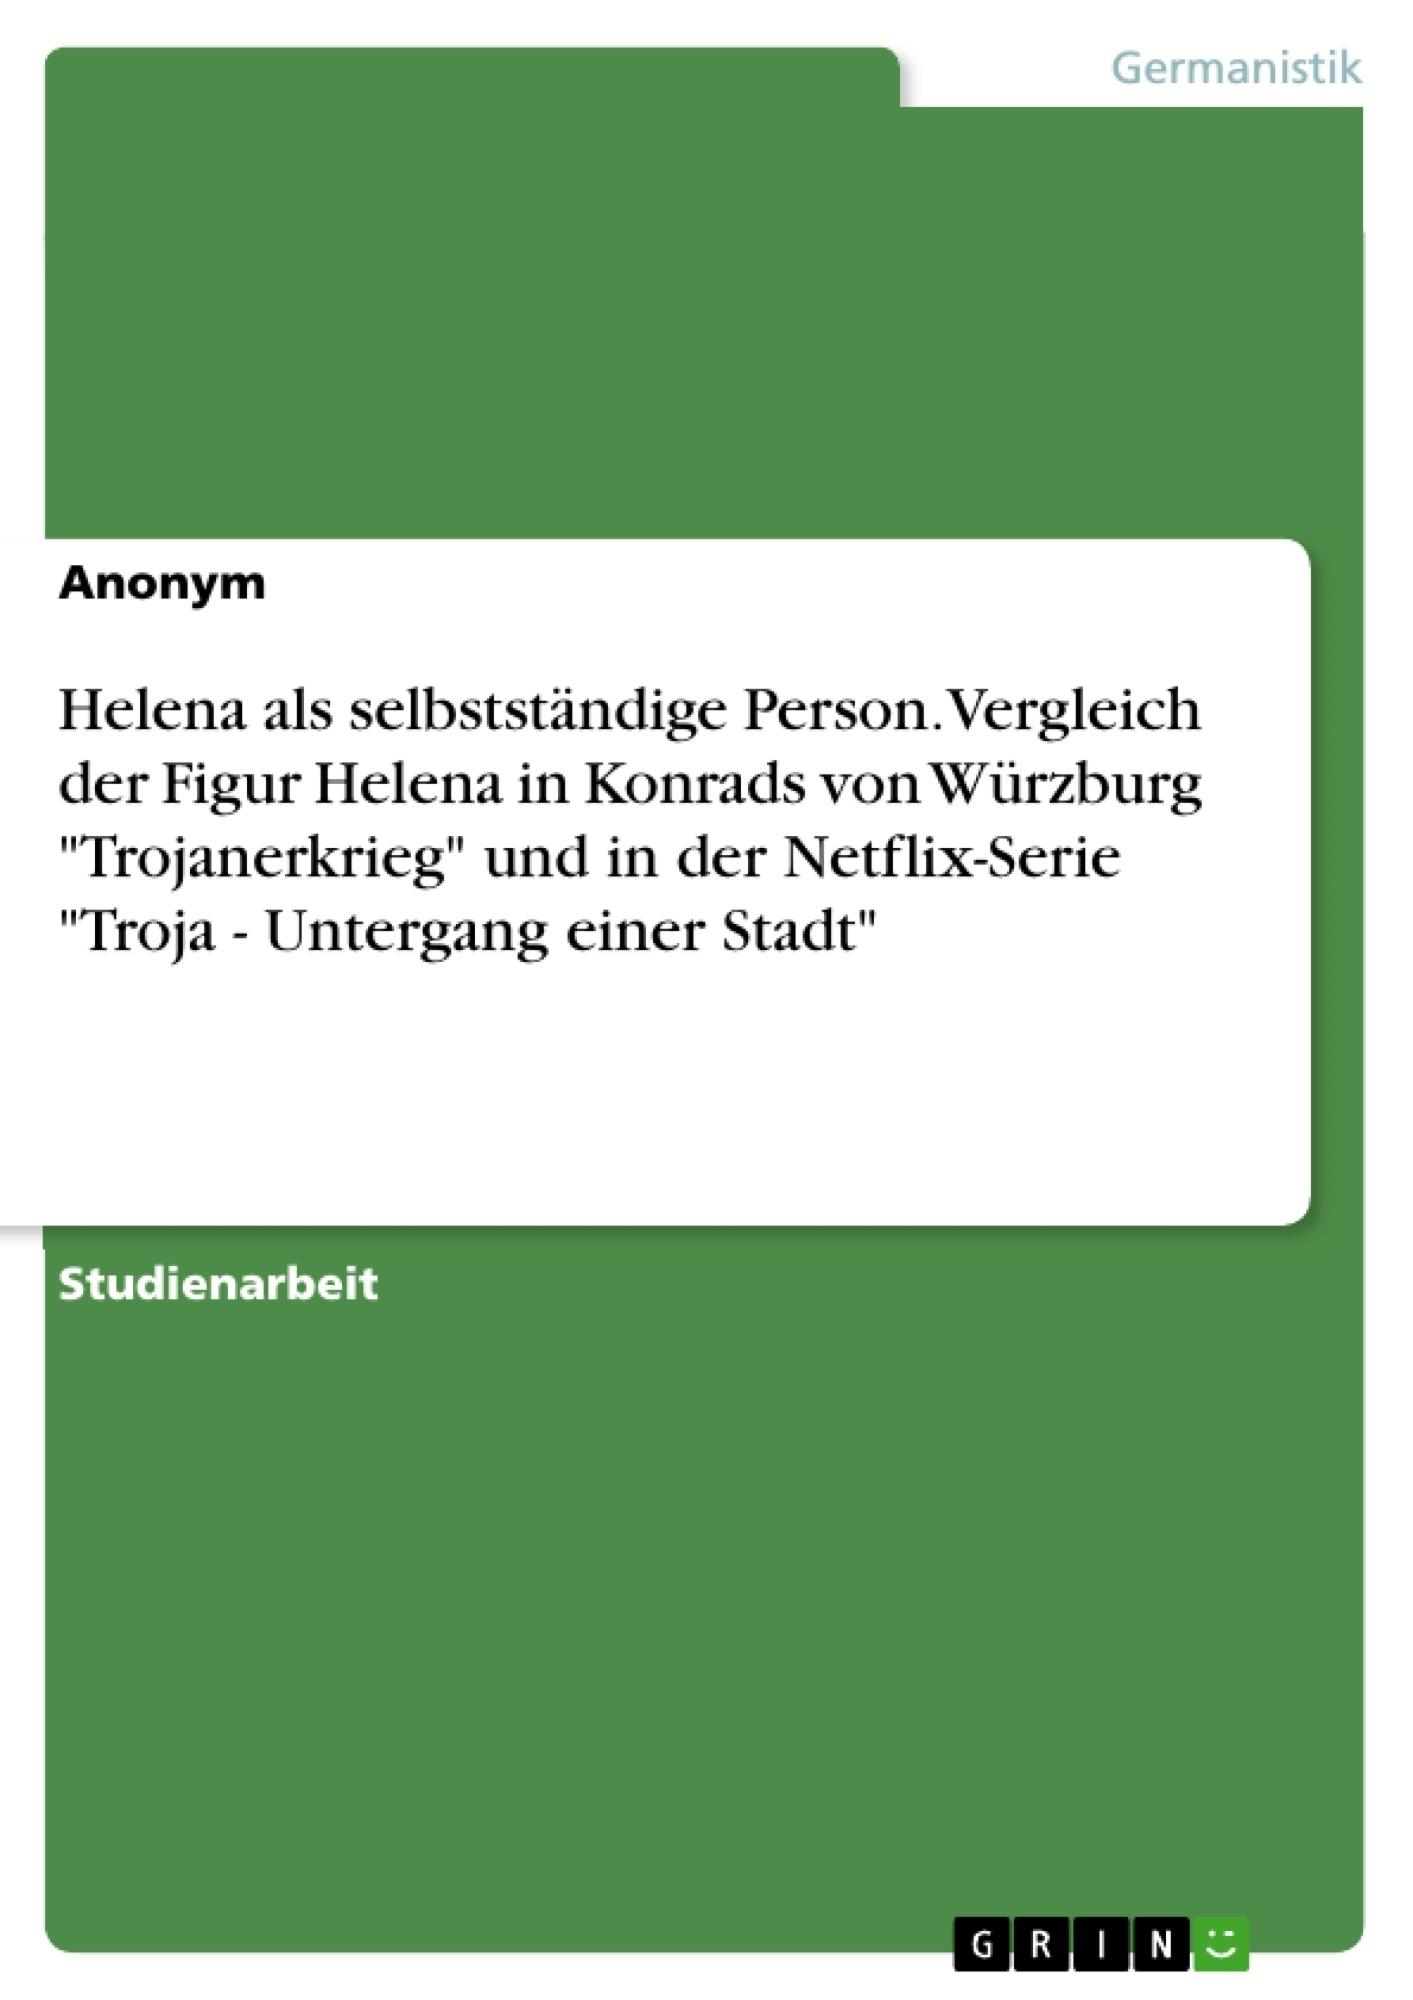 """Titel: Helena als selbstständige Person. Vergleich der Figur Helena in Konrads von Würzburg """"Trojanerkrieg"""" und in der Netflix-Serie """"Troja - Untergang einer Stadt"""""""